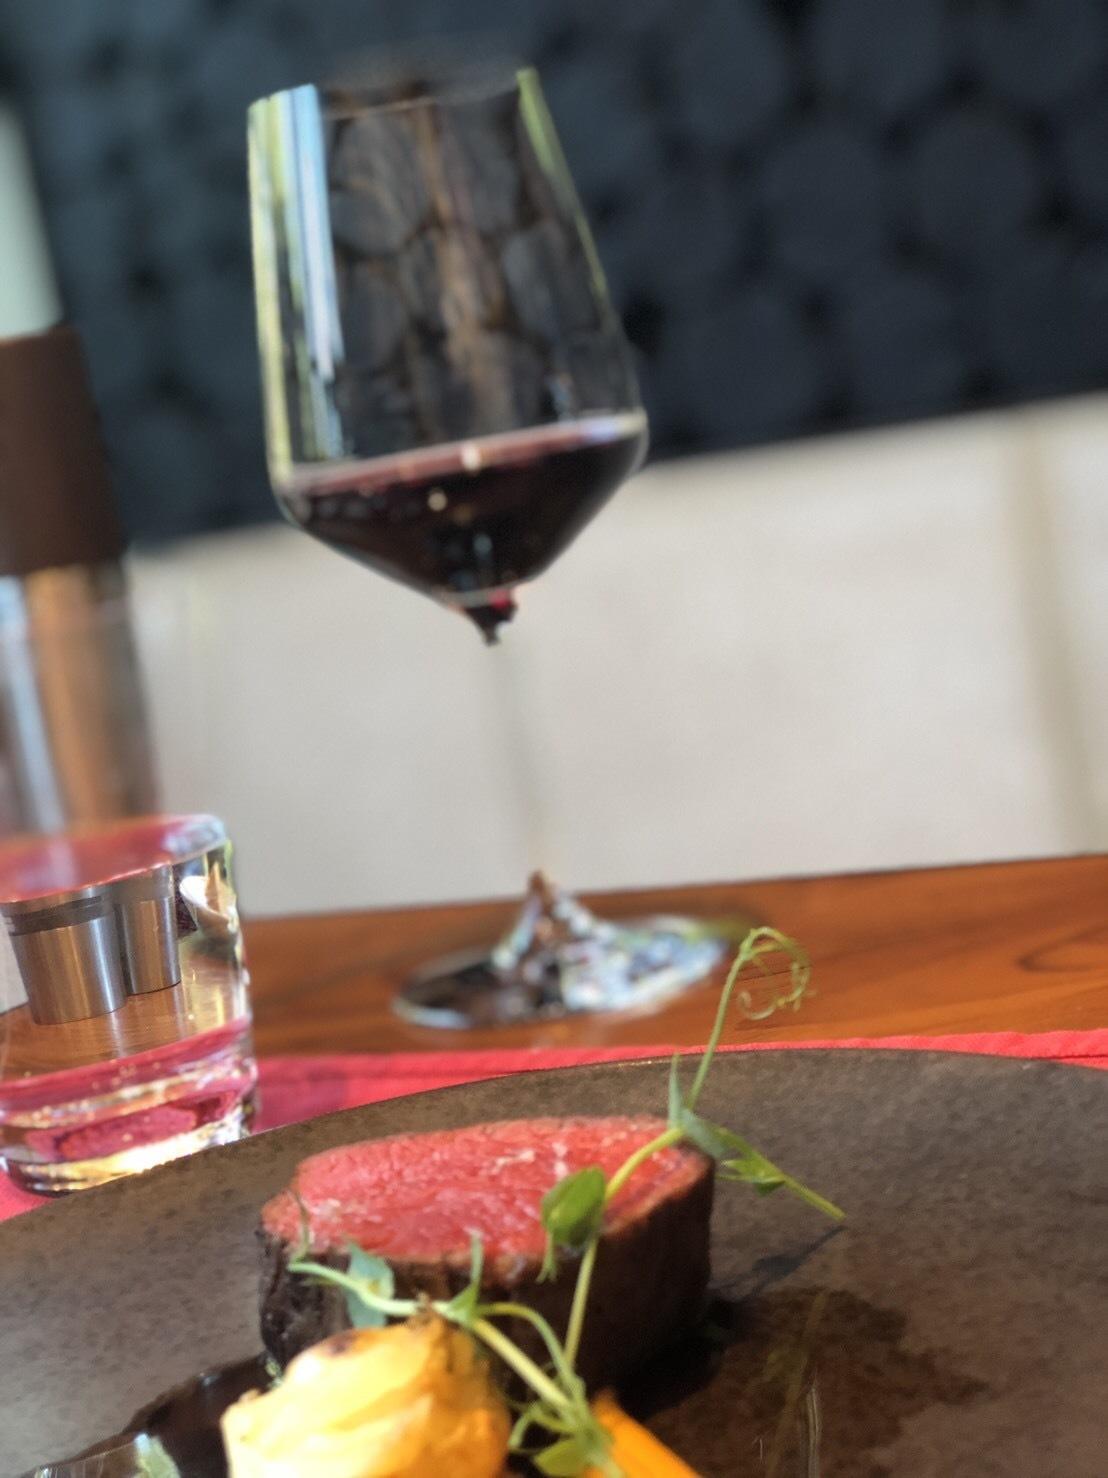 フォーシーズンズホテル京都での美食のマリアージュ_c0213220_07400381.jpg